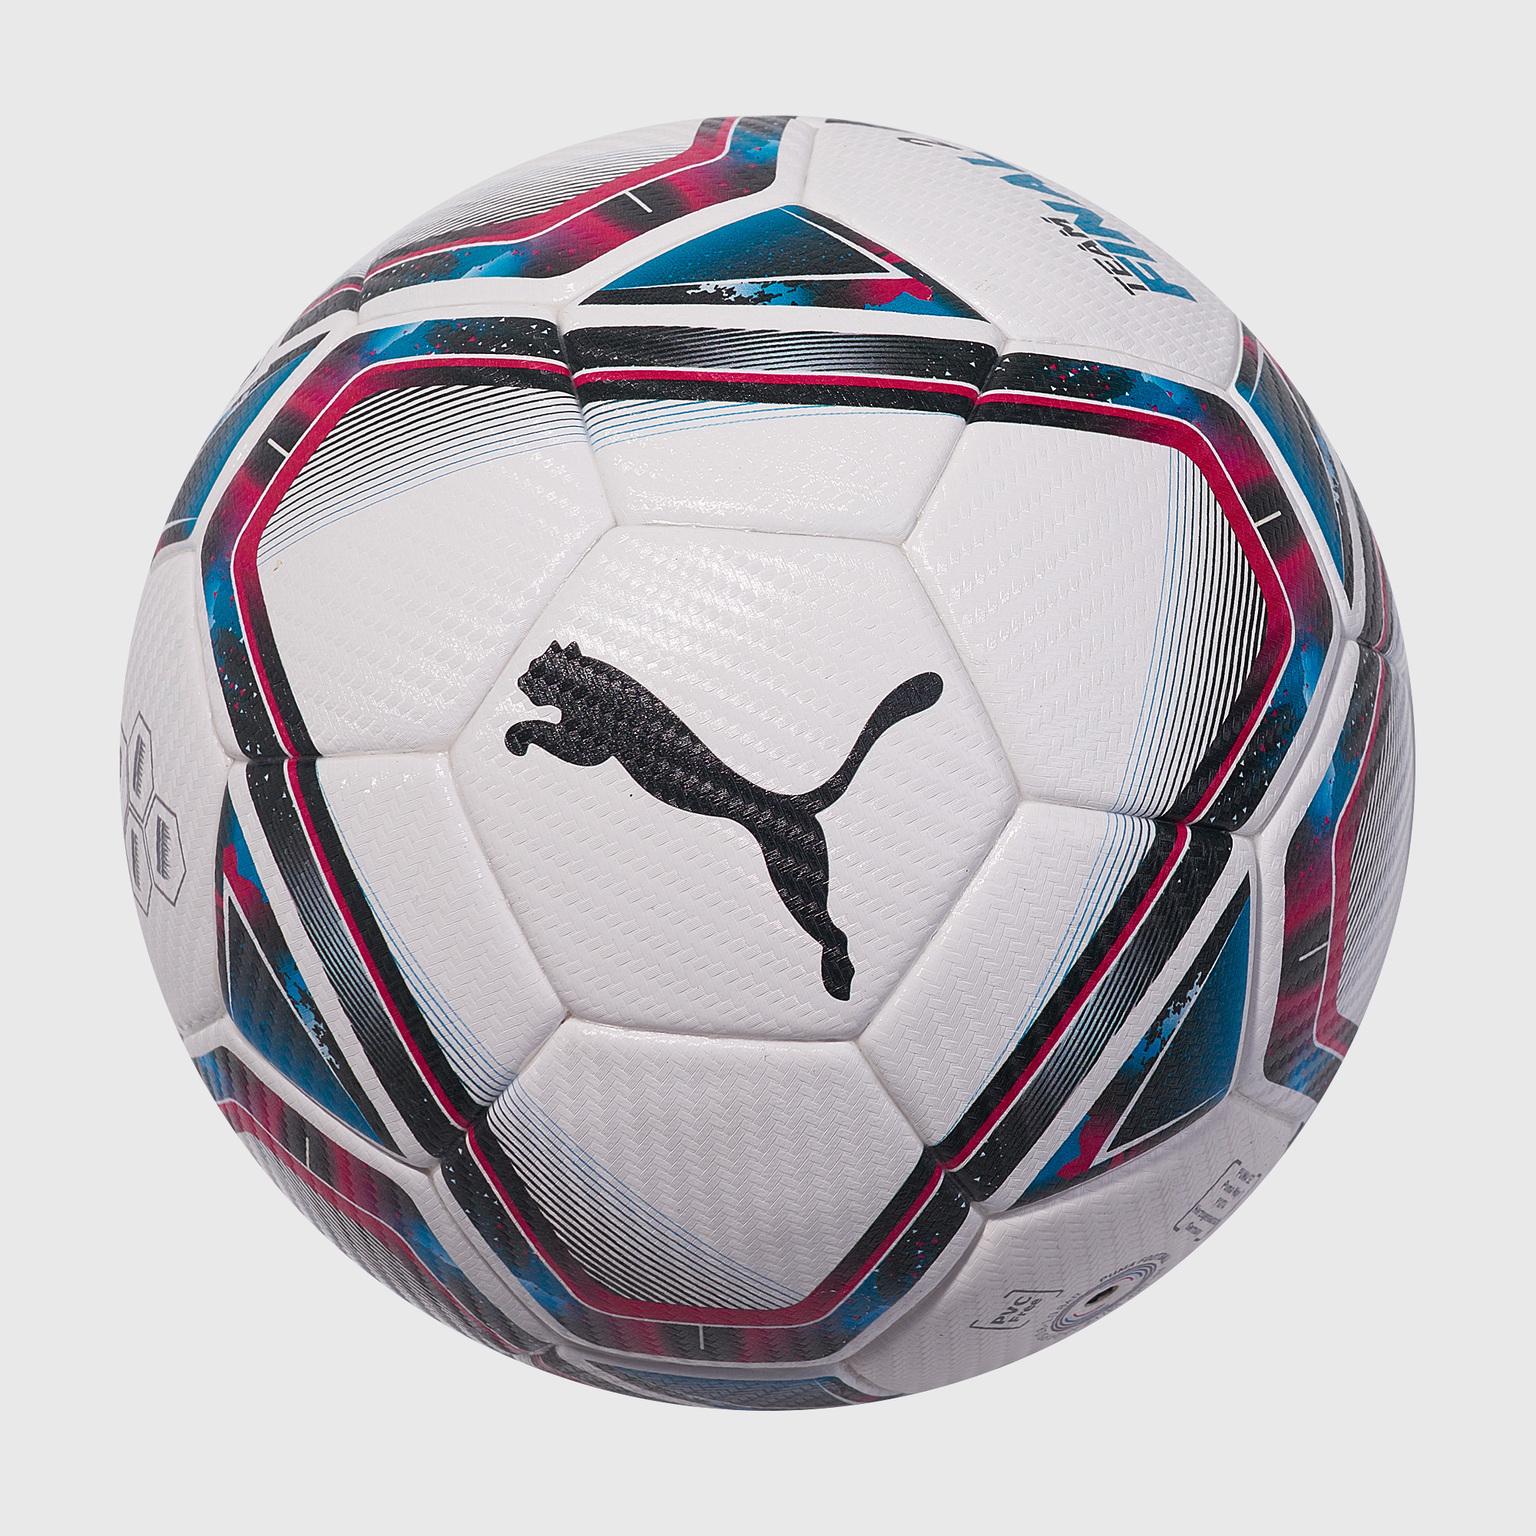 Футбольный мяч Puma team Final Fifa Quality Pro 08330401